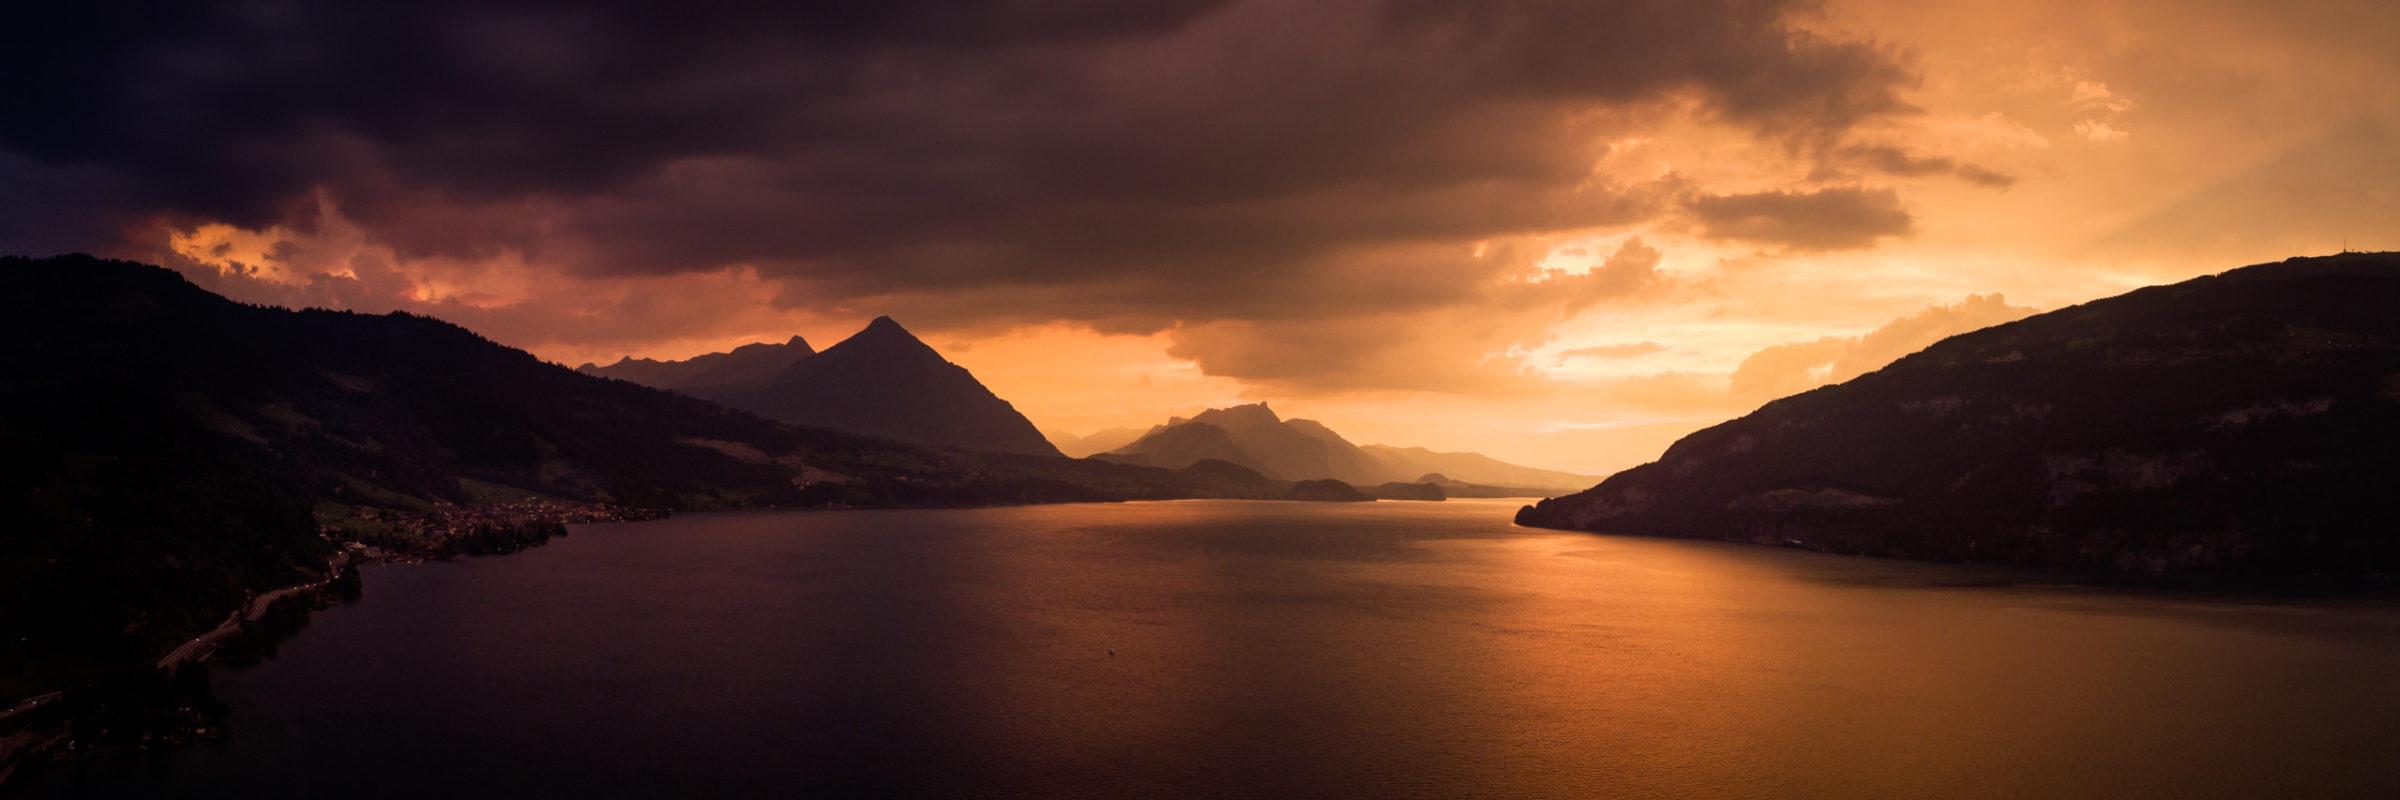 Sunset over Lake Thun in Switzerland